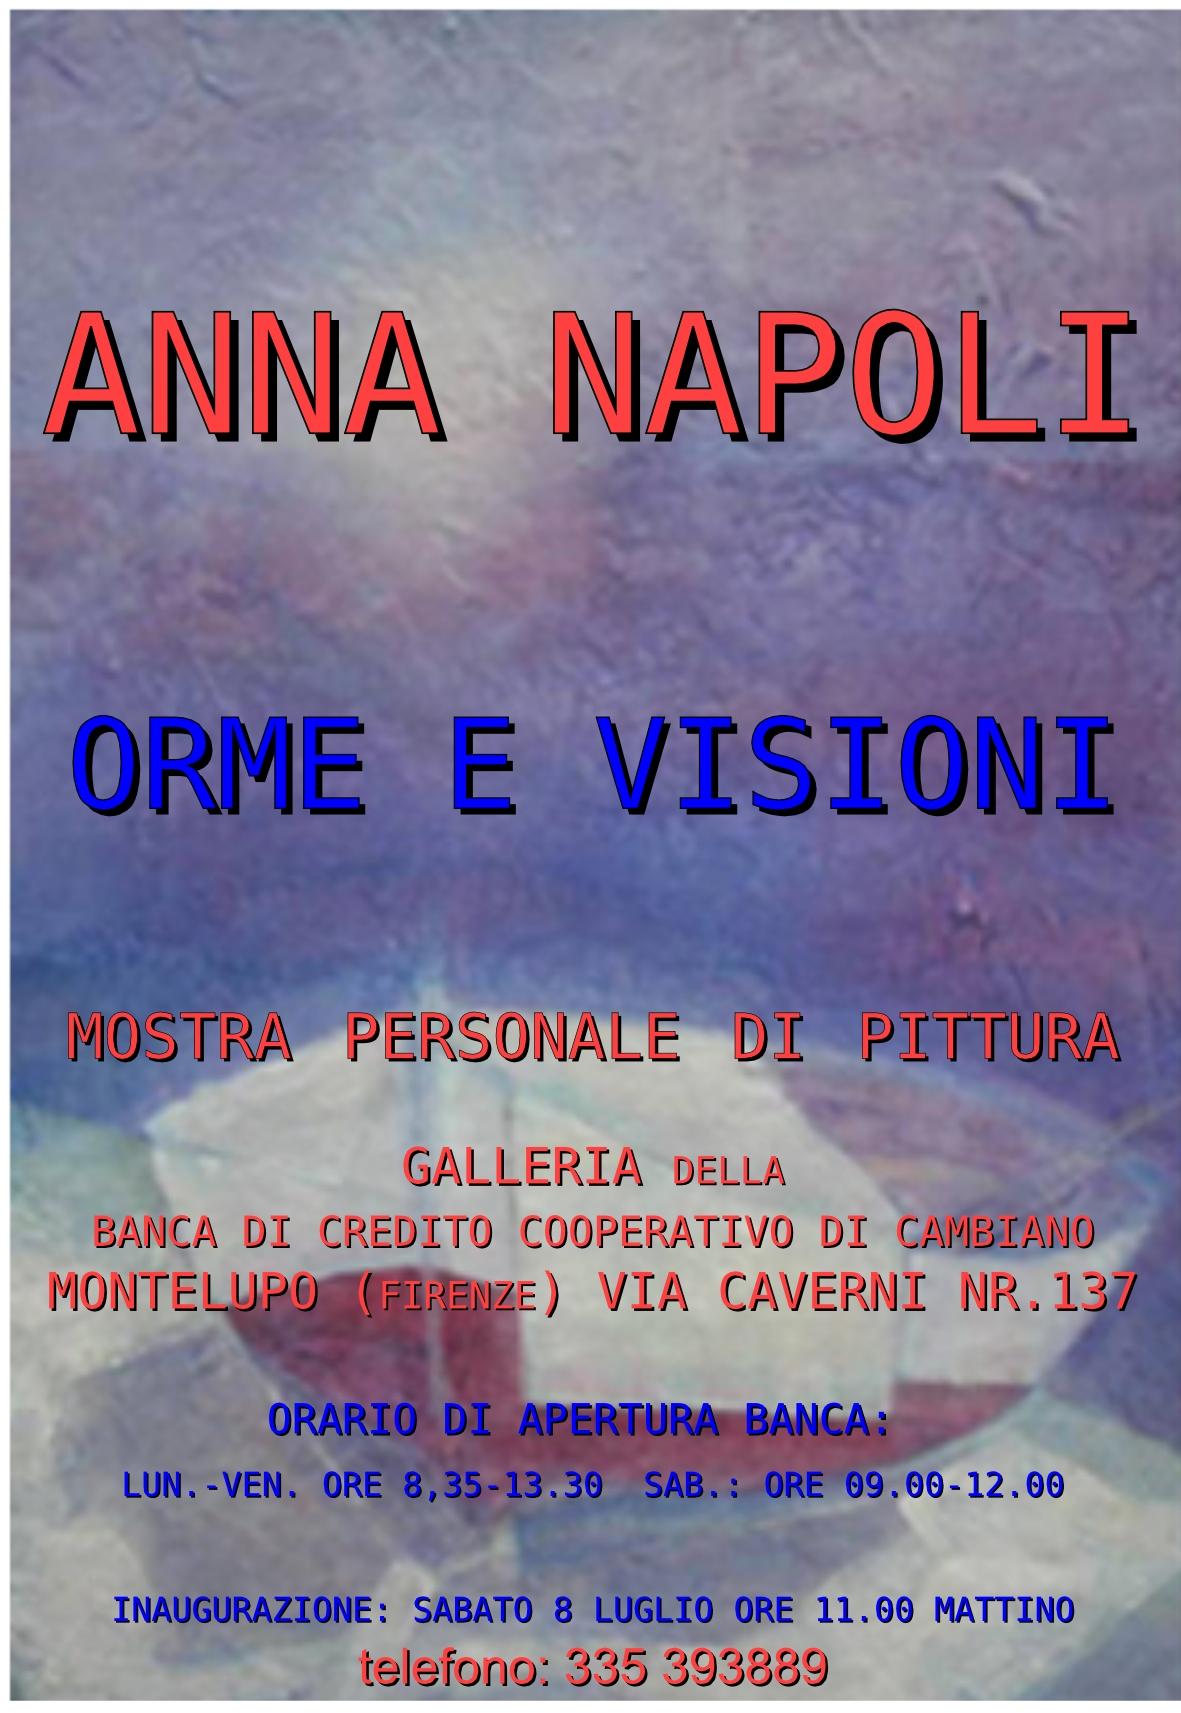 ORME E VISIONI 2011